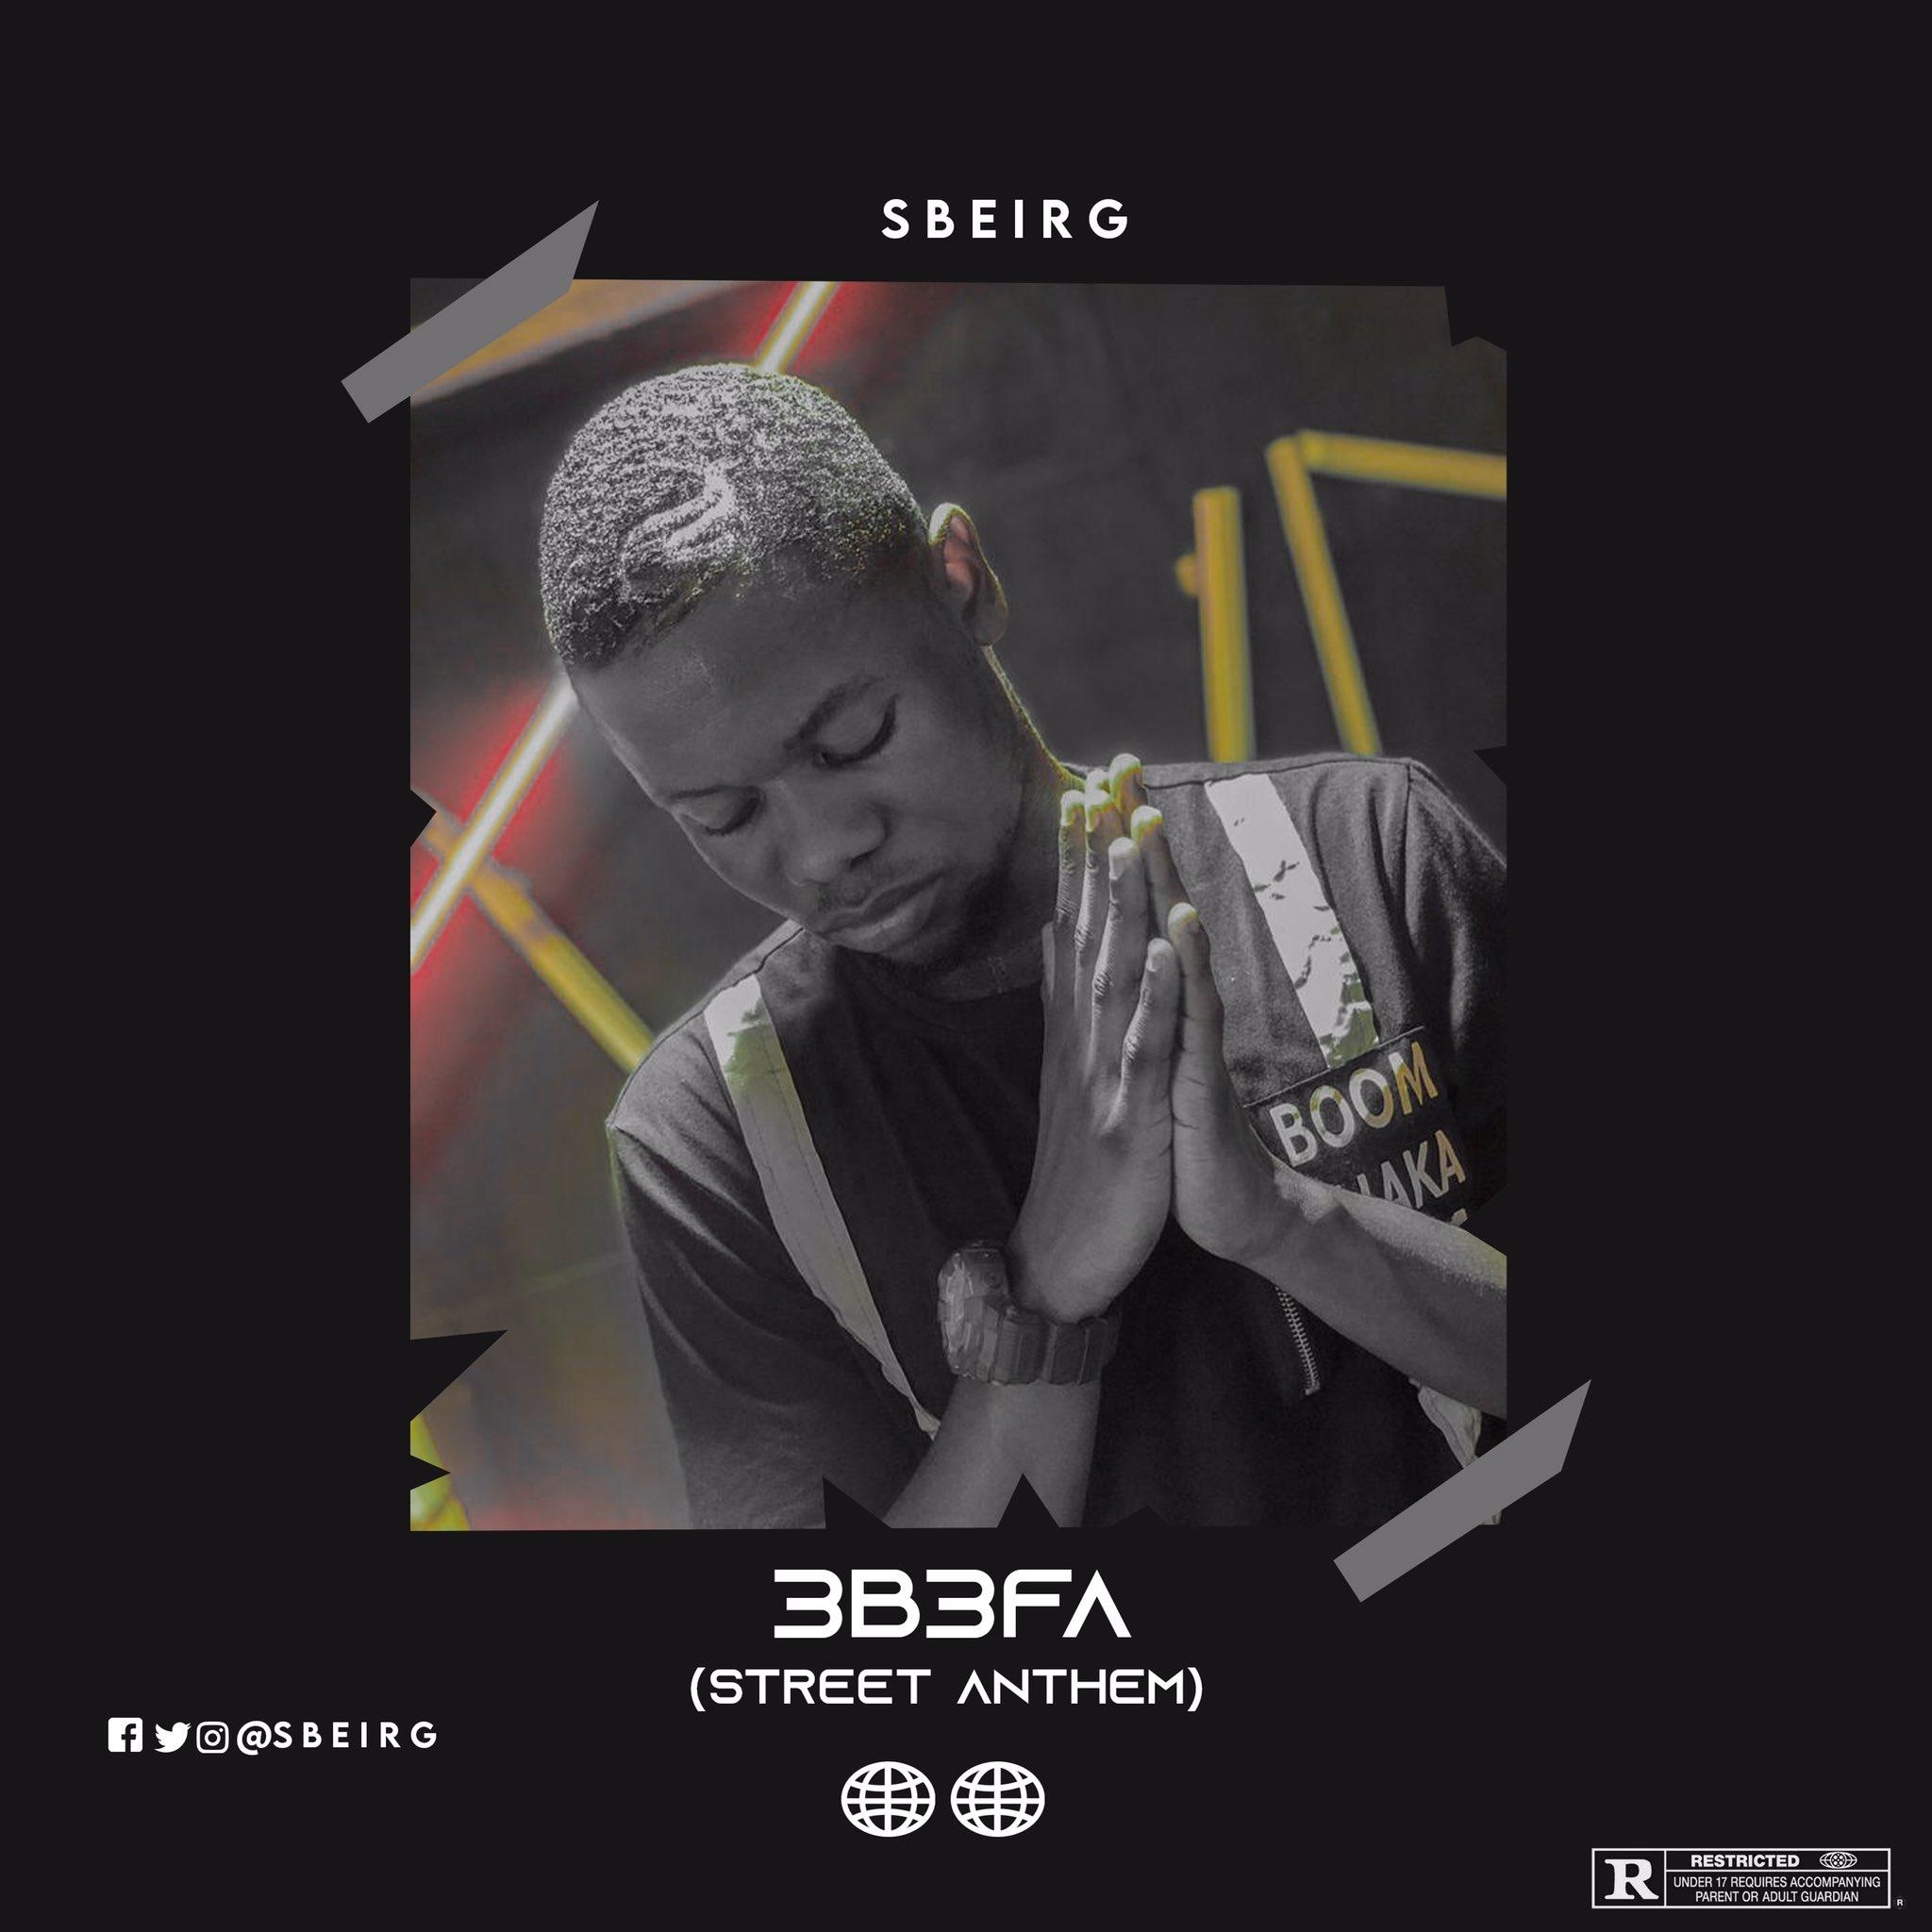 SBeirg – Street Anthem